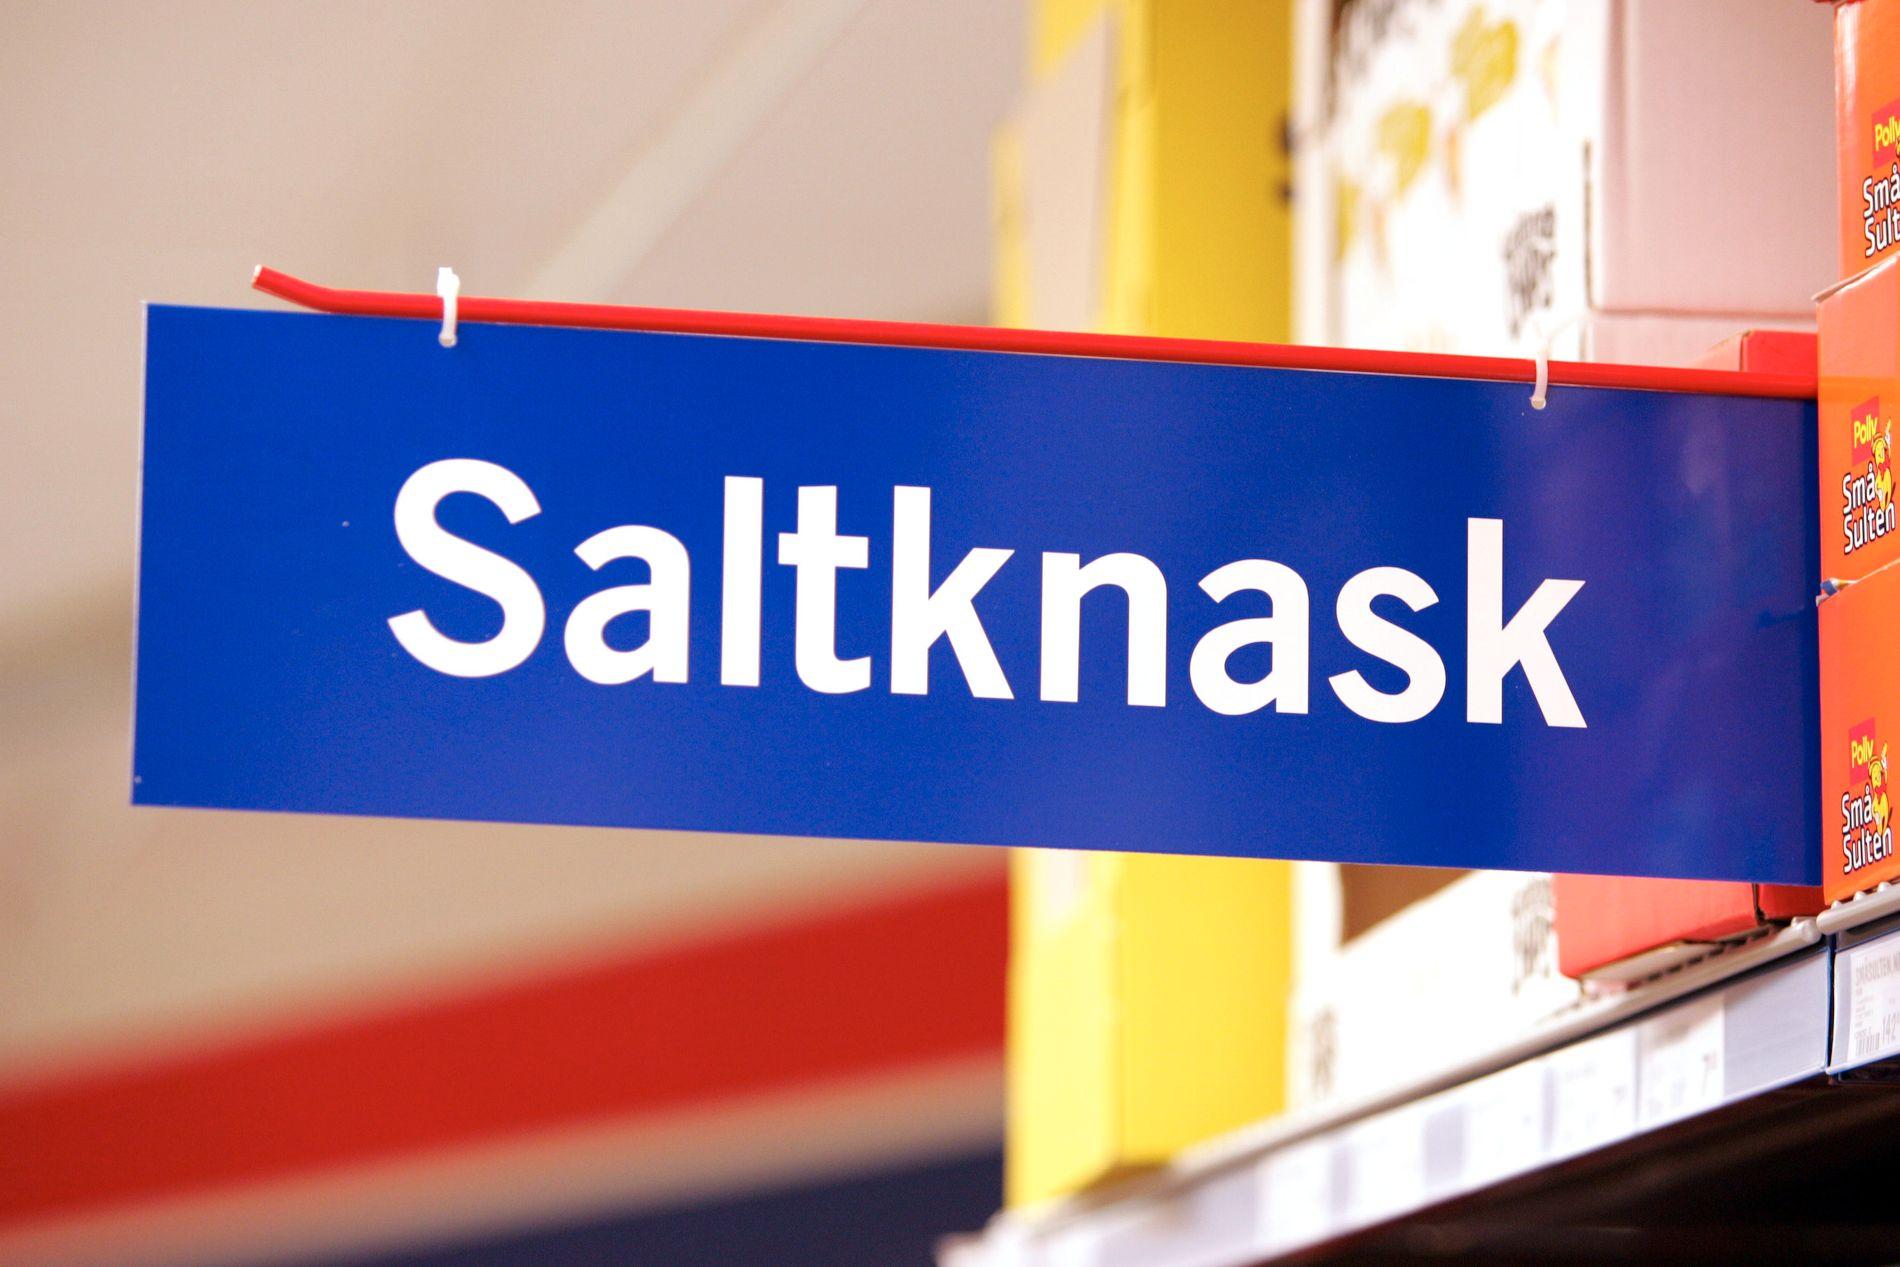 NYNORSK I KVARDAGEN: Snacks på nynorsk - i form av et vareskilt i en dagligvarebutikk i Volda på Sunnmøre.